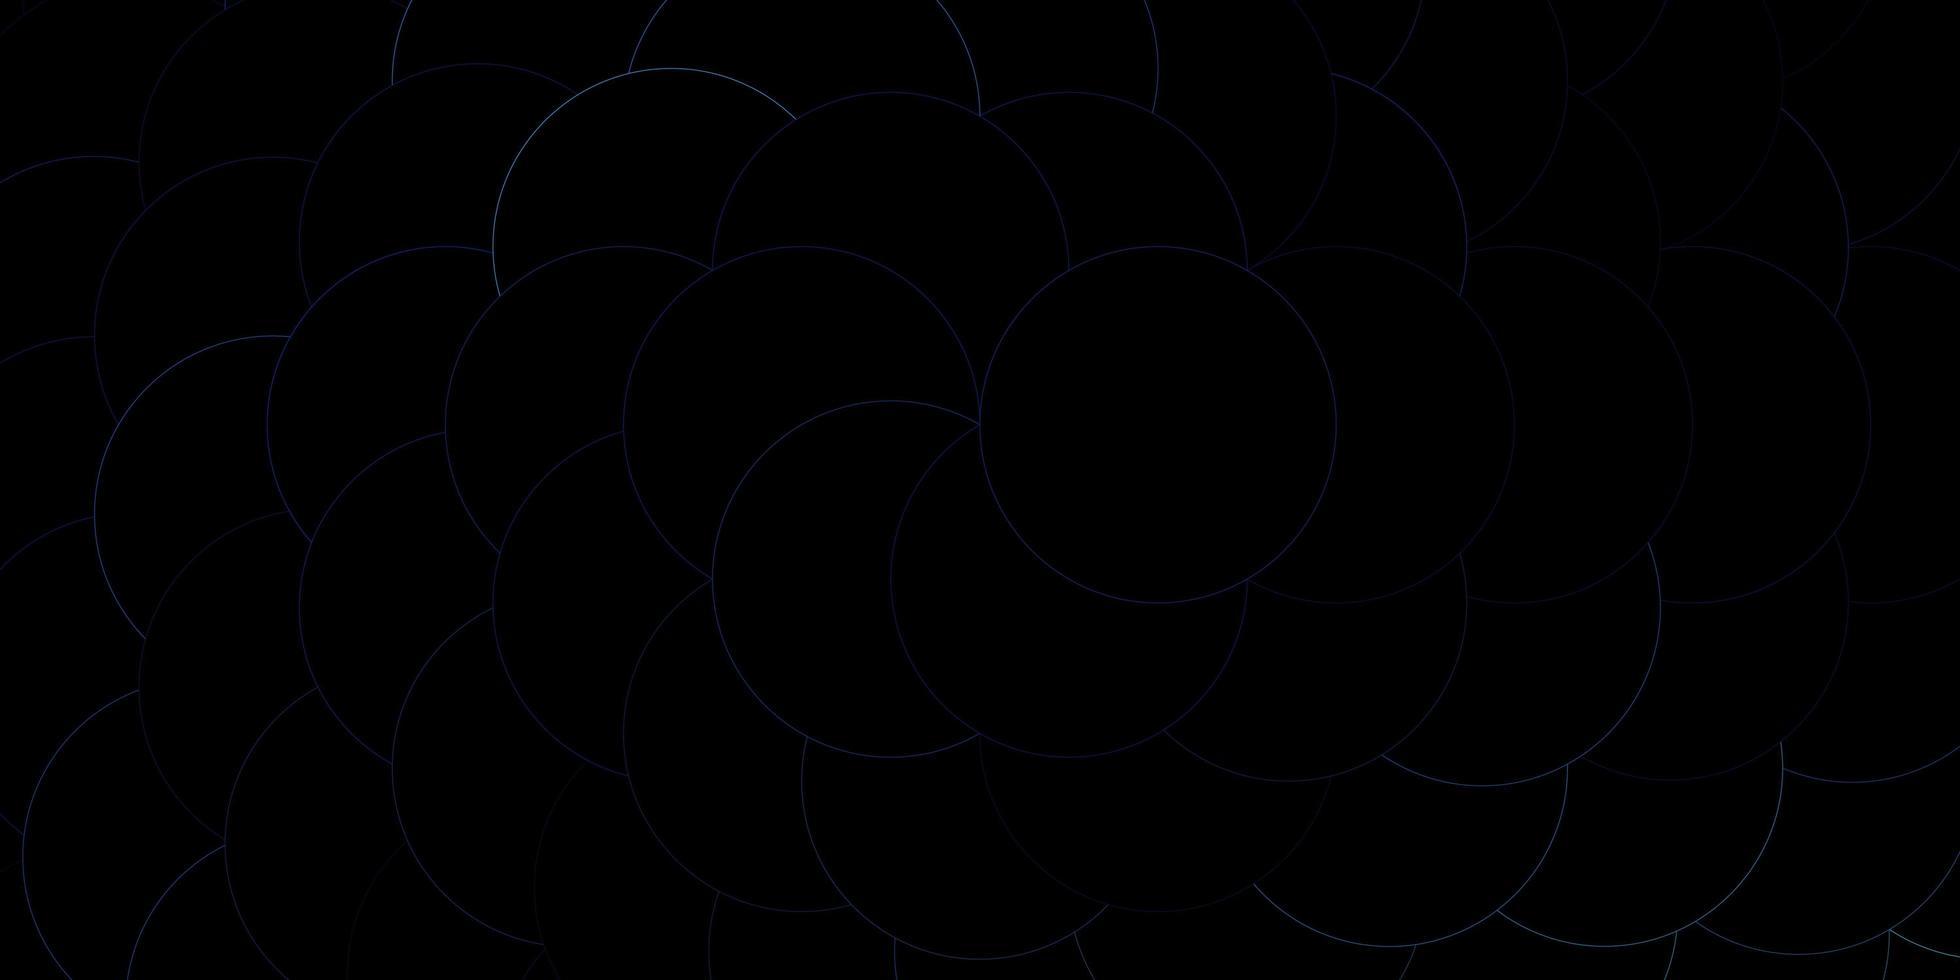 blå konturerade cirklar på mörk mall. vektor